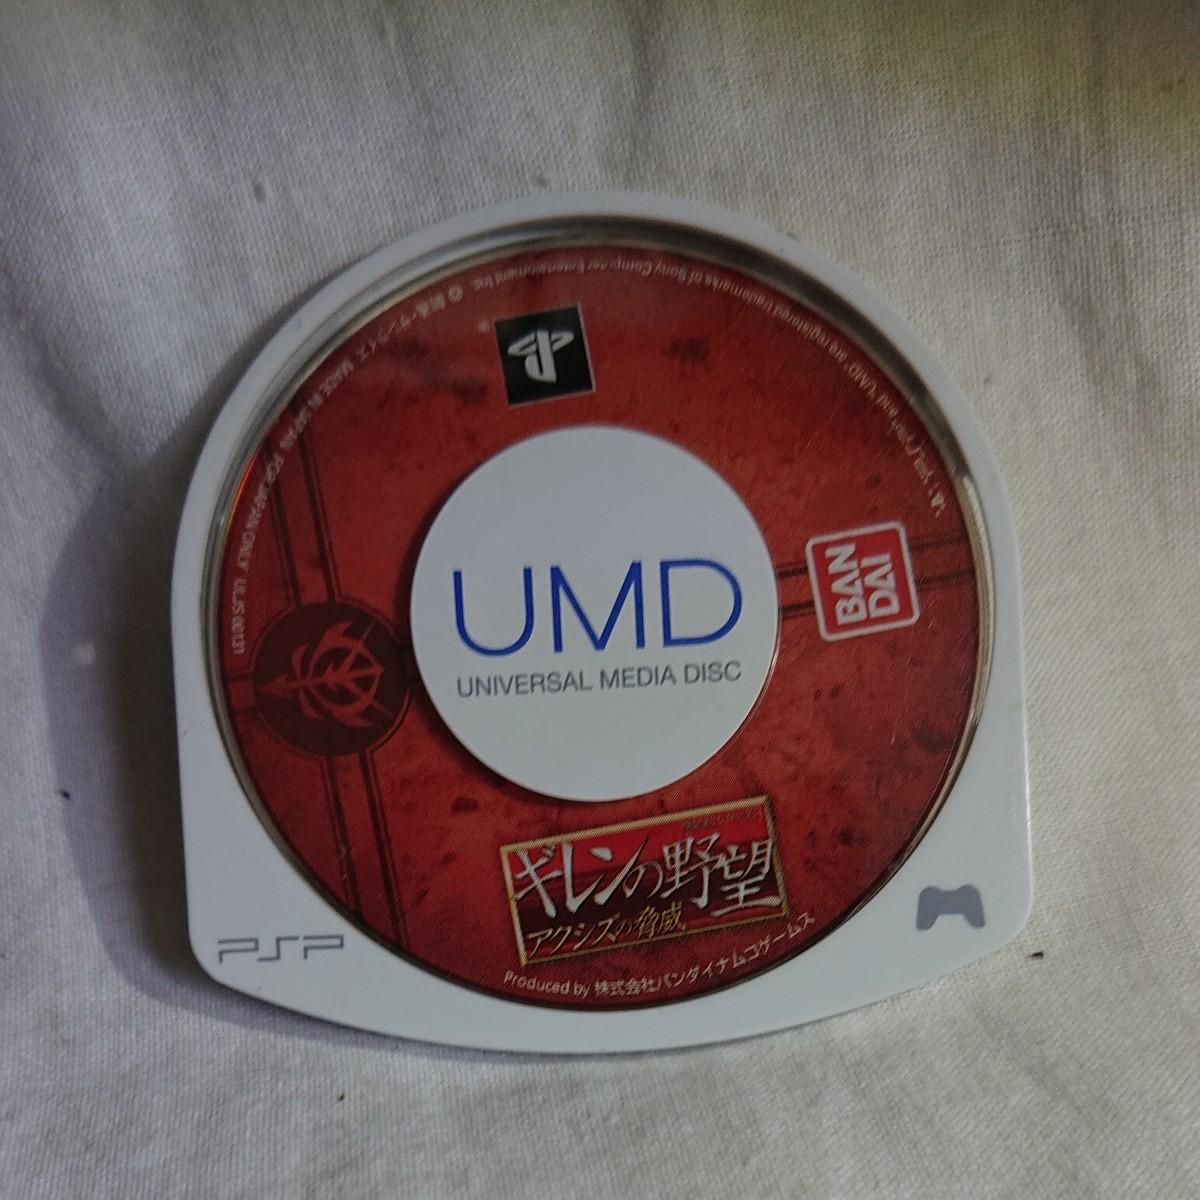 PSP  機動戦士ガンダム ギレンの野望 アクシズの脅威 シリーズセット ソフトのみ 動作確認済み PSPソフト